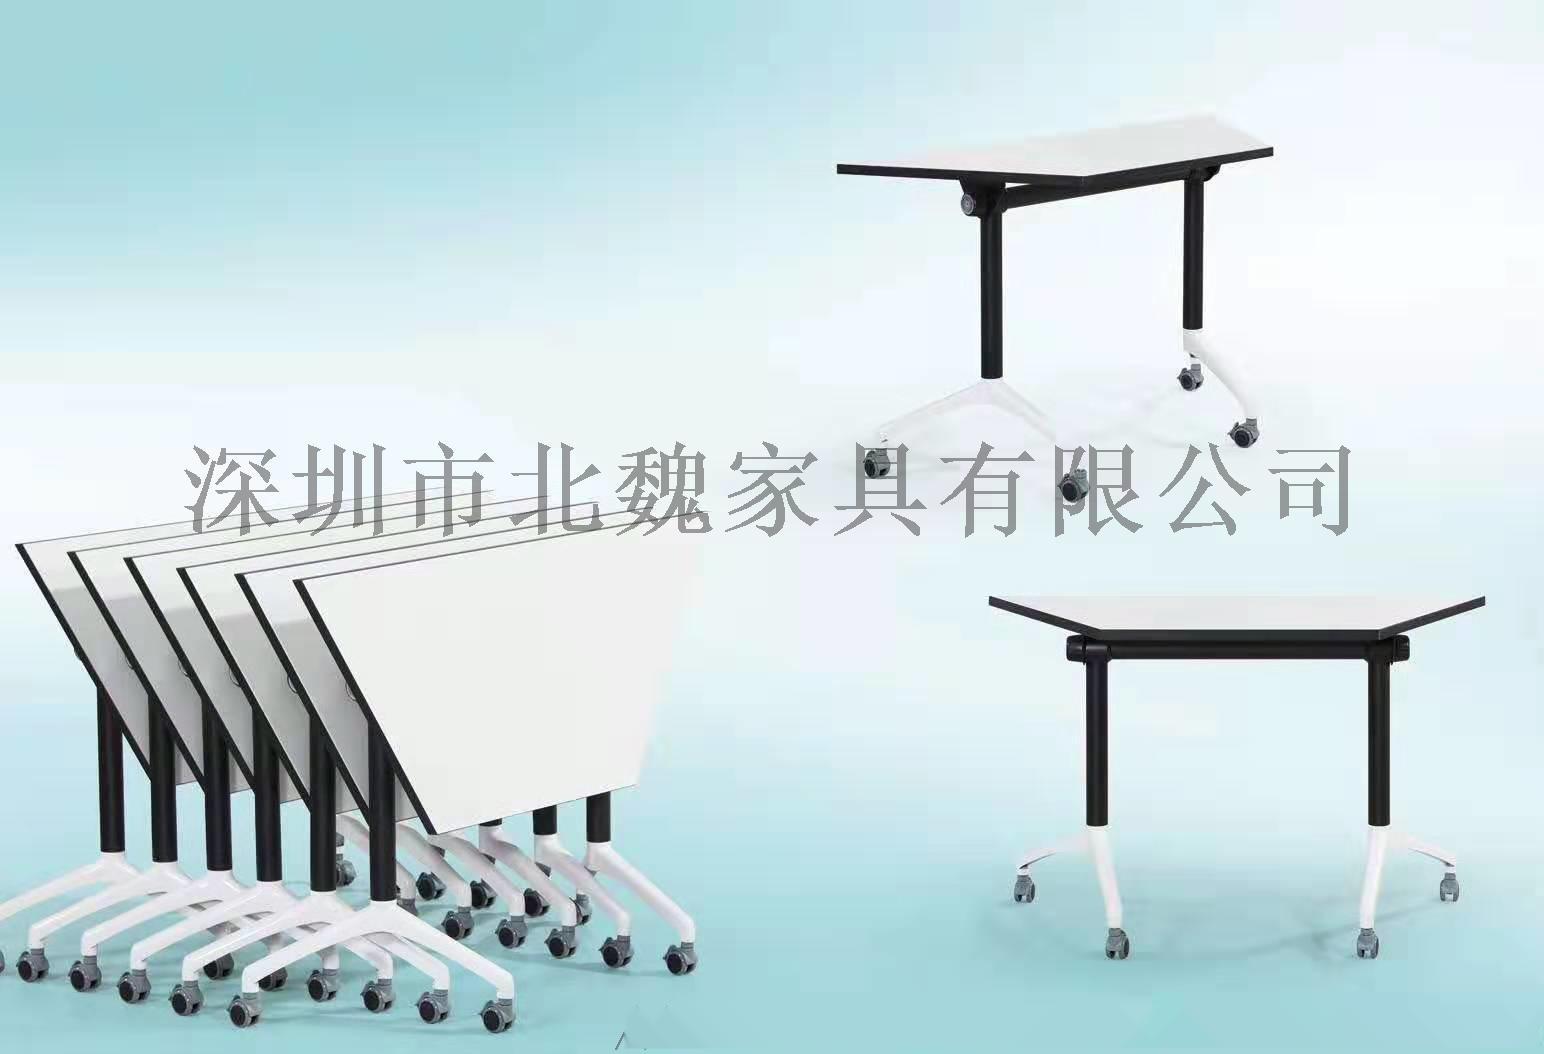 大学生课桌椅、多功能铝合金课桌椅、写字板座椅课桌、学生椅、学生课桌椅123069555